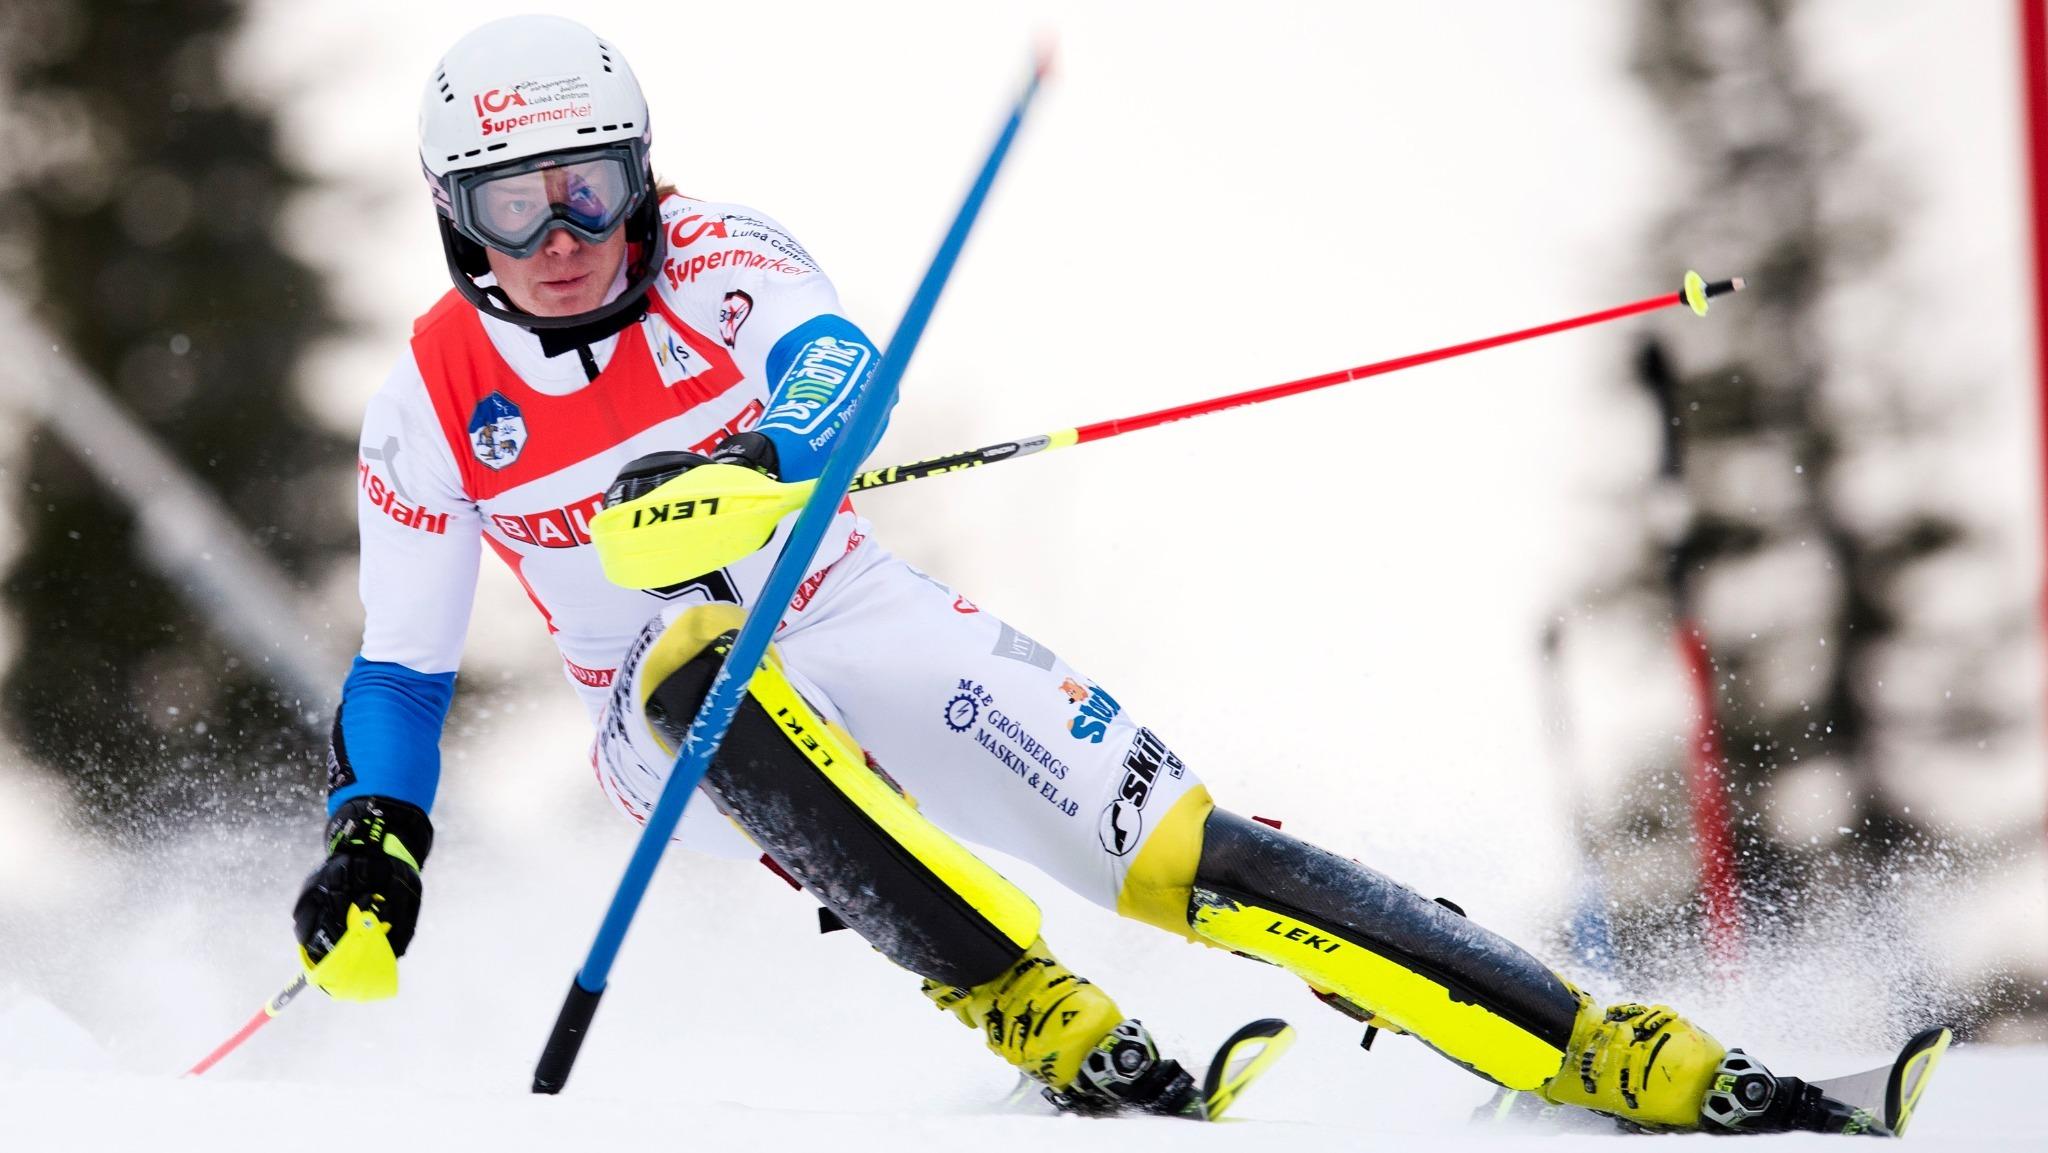 Bodenföretag hjälper alpina landslaget